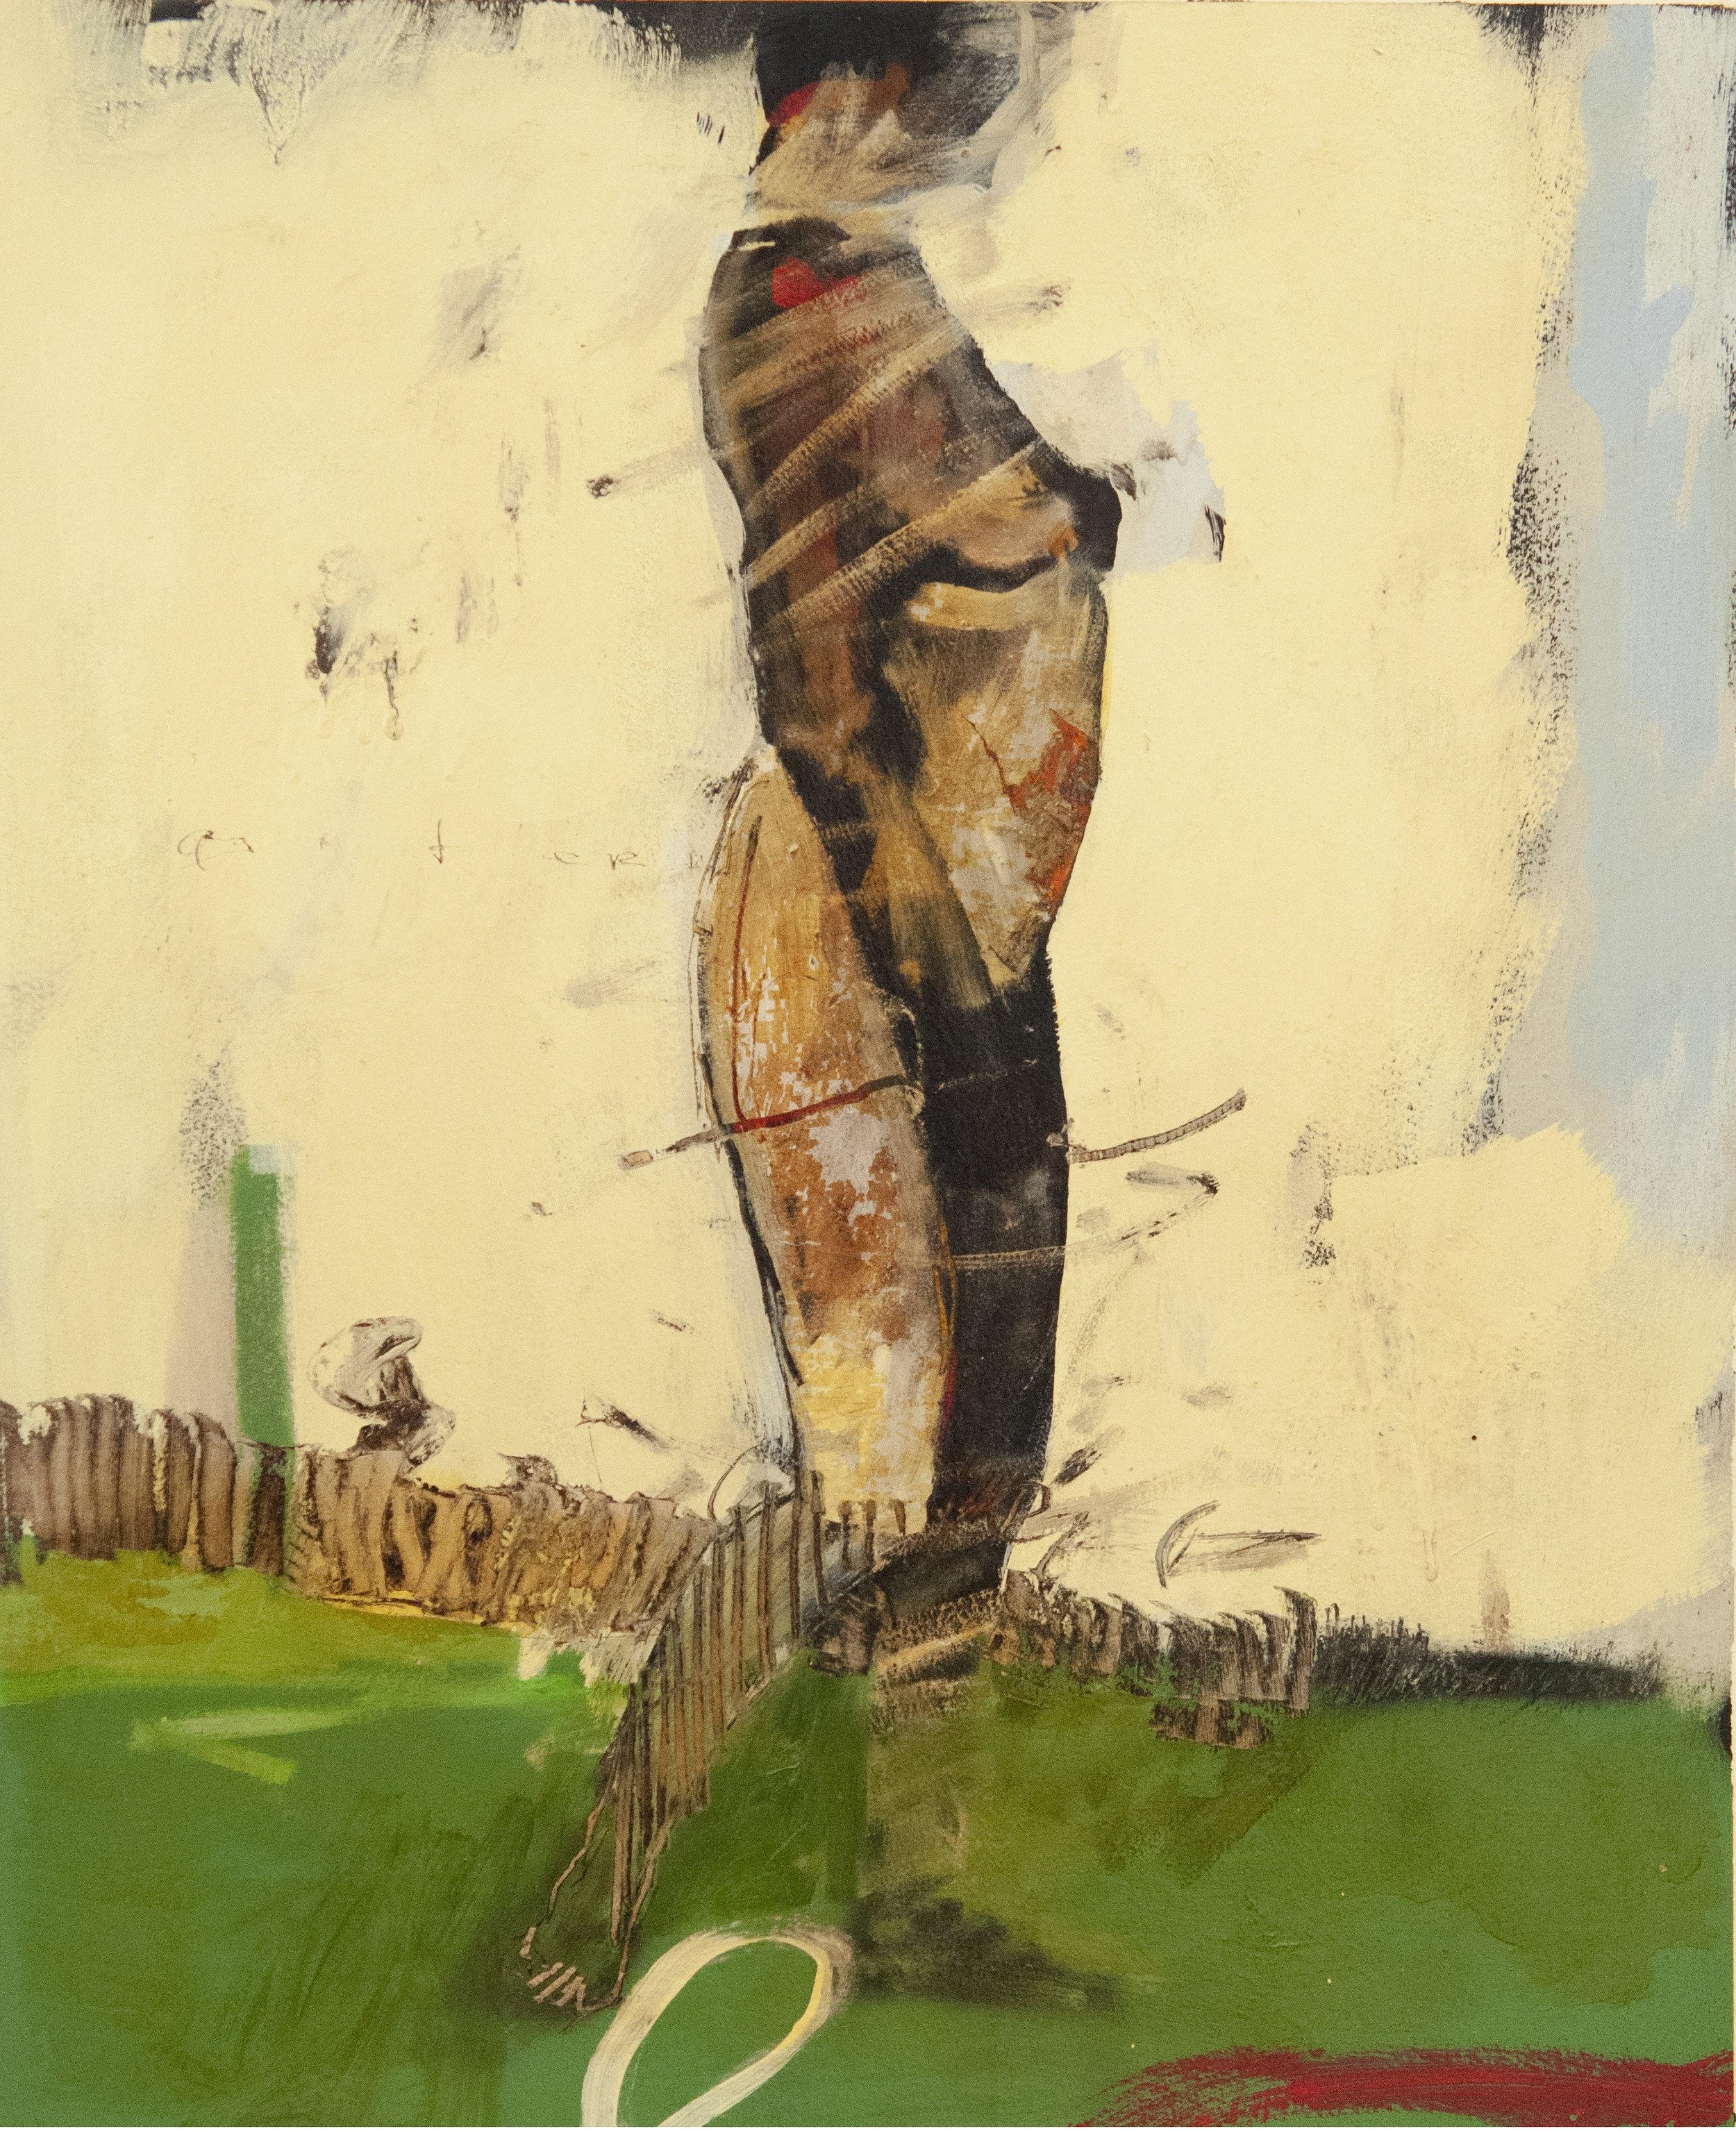 Nude, by T.L. Lange